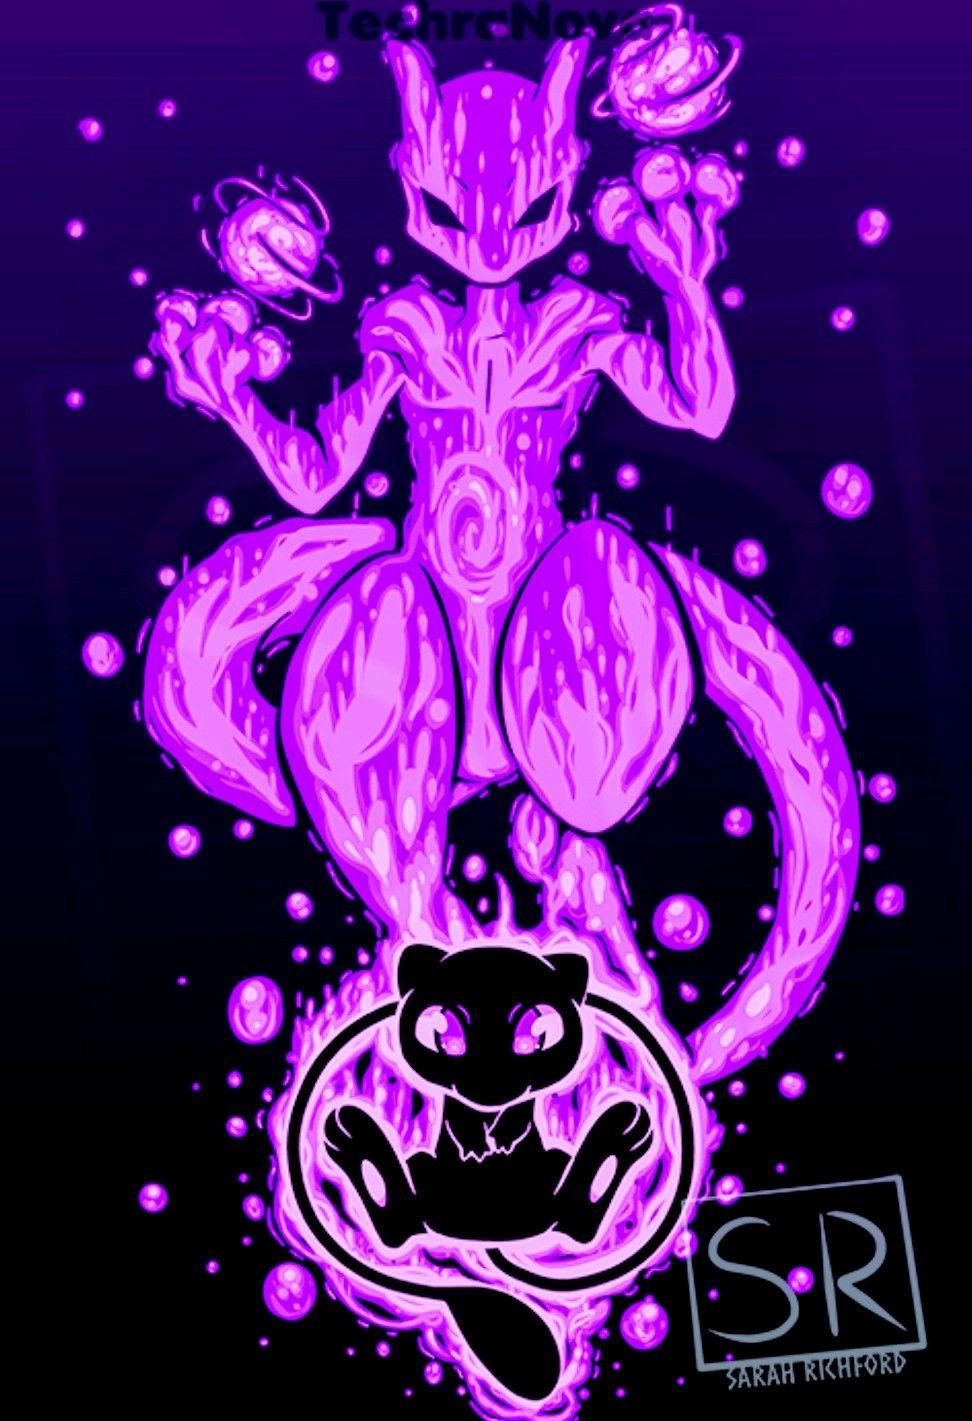 Mew Mewtwo Pokemon Pokemon Mewtwo Cool Pokemon Wallpapers Pokemon Mew